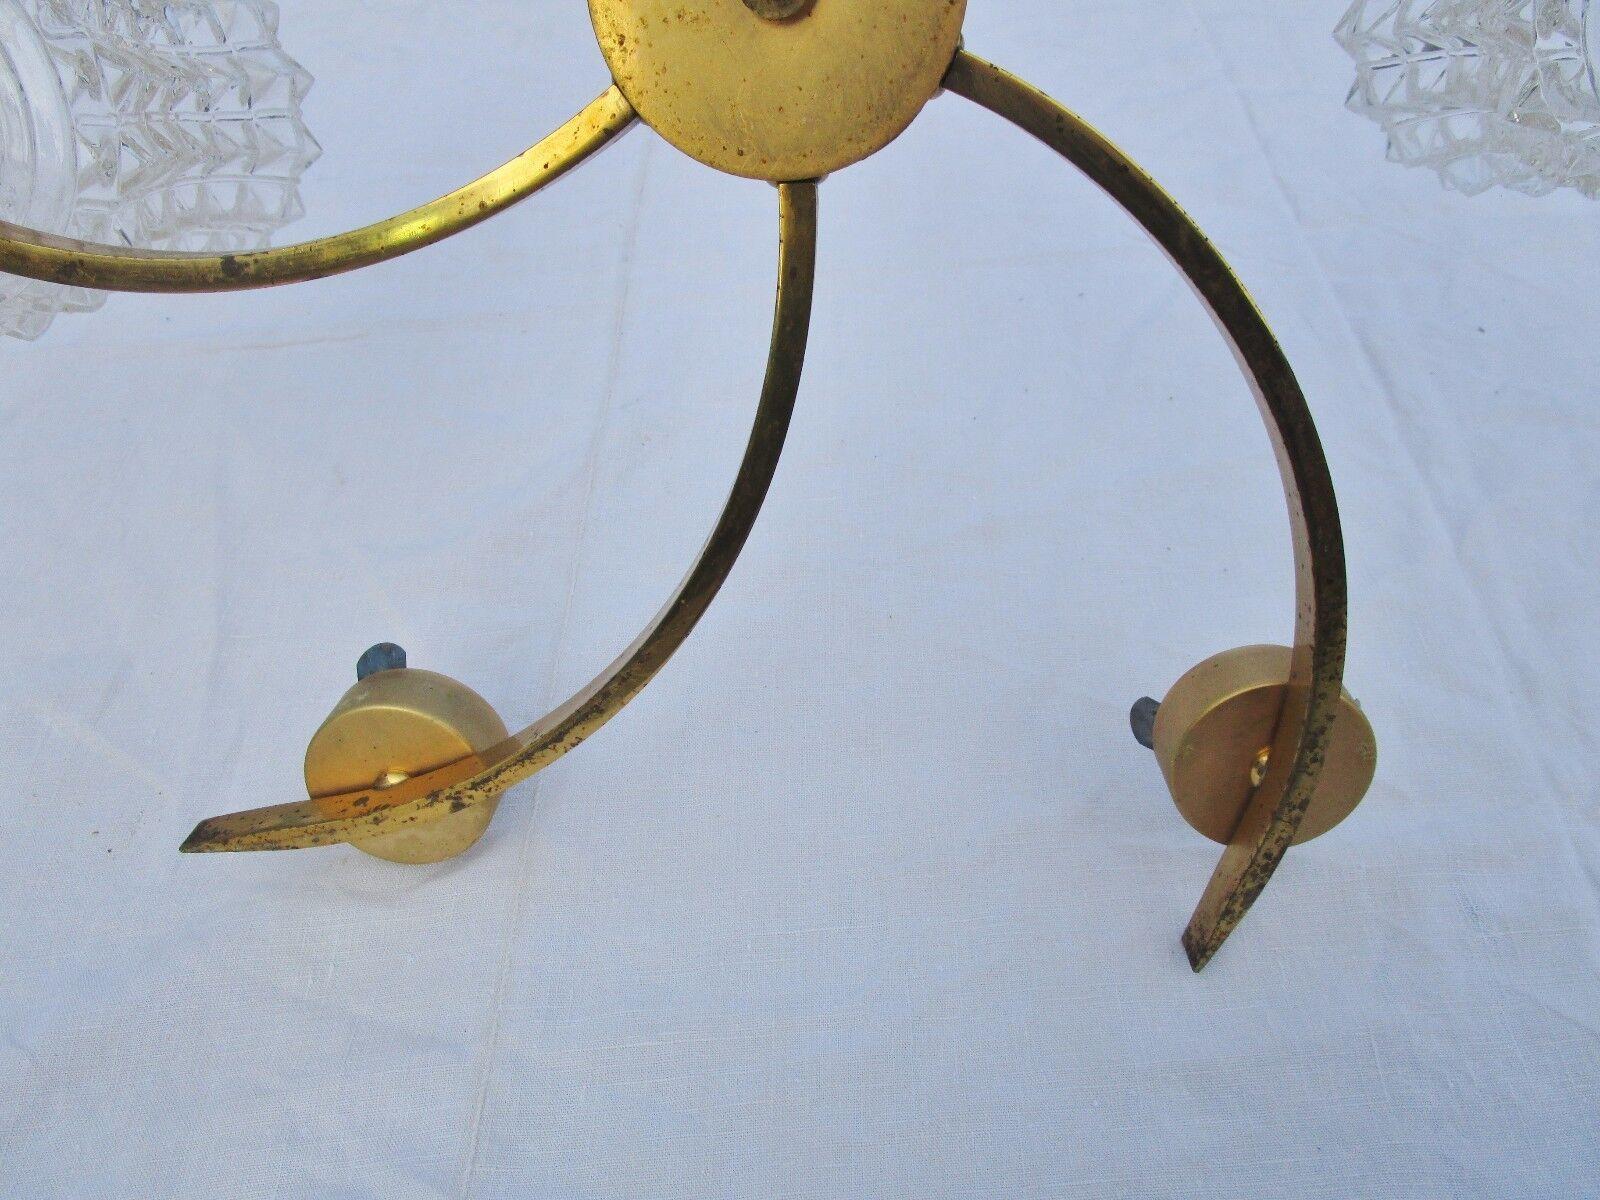 ancien lustre étoile doré-6 en aluminium doré-6 étoile lumières-verre granité-vintage-1960 e2cc75